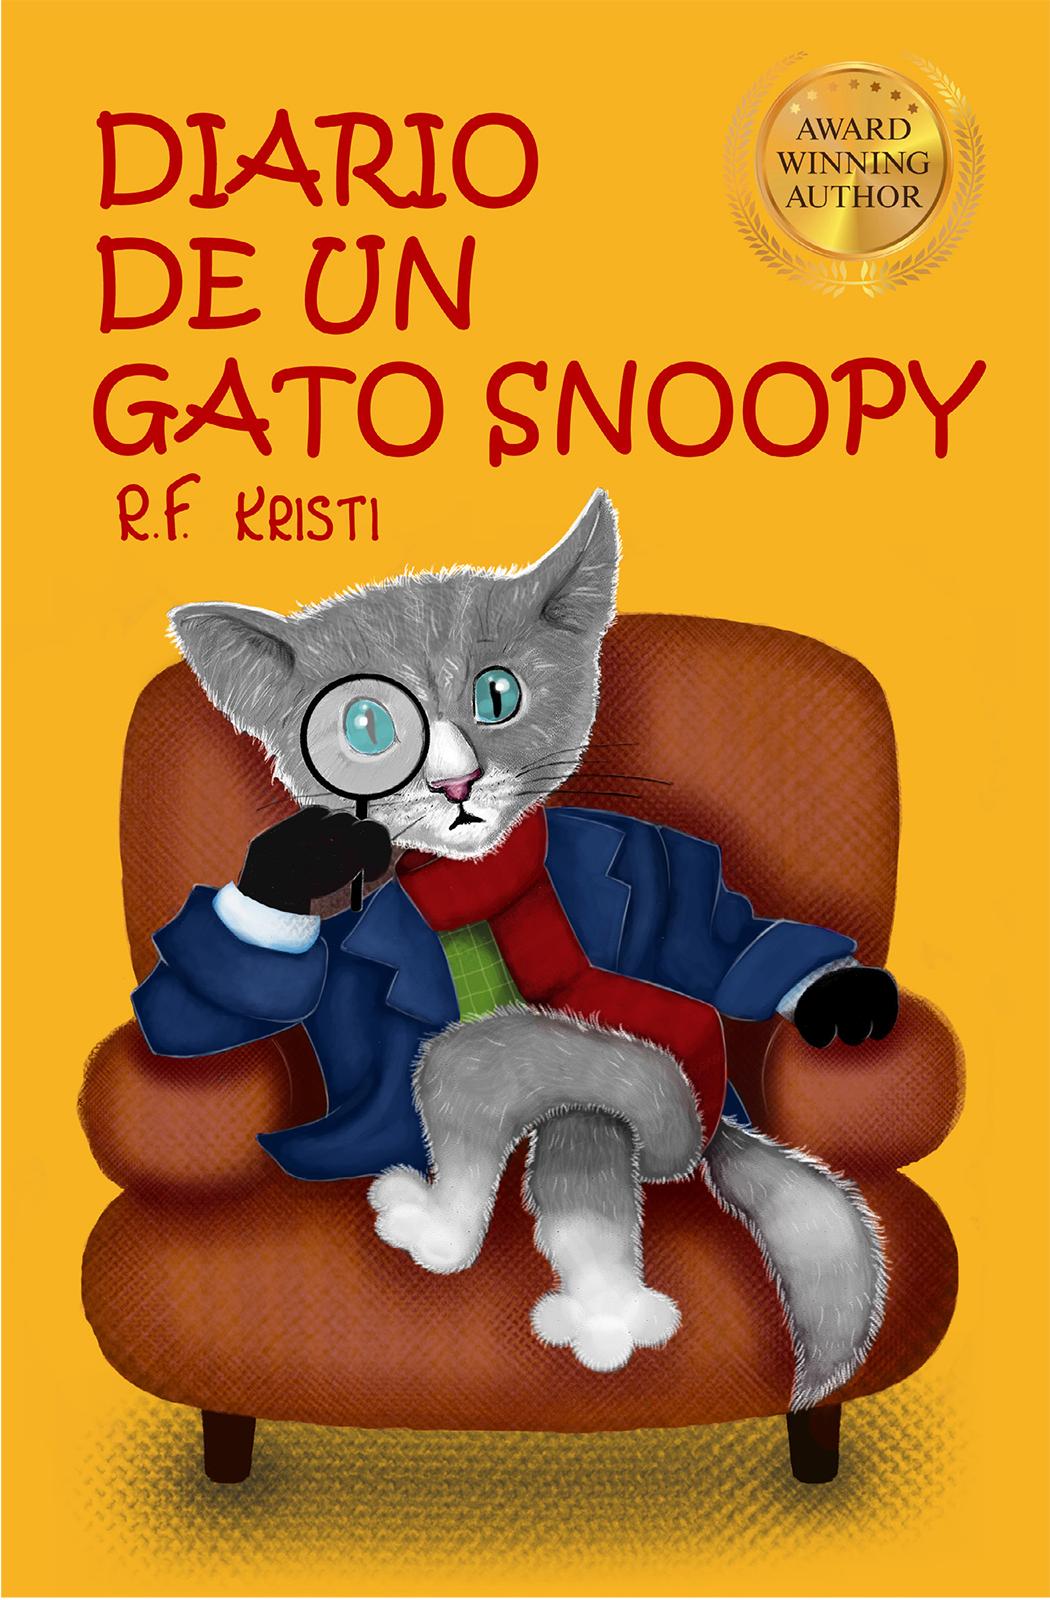 R.F. Kristi Diario De Un Gato Snoopy amigos aurich